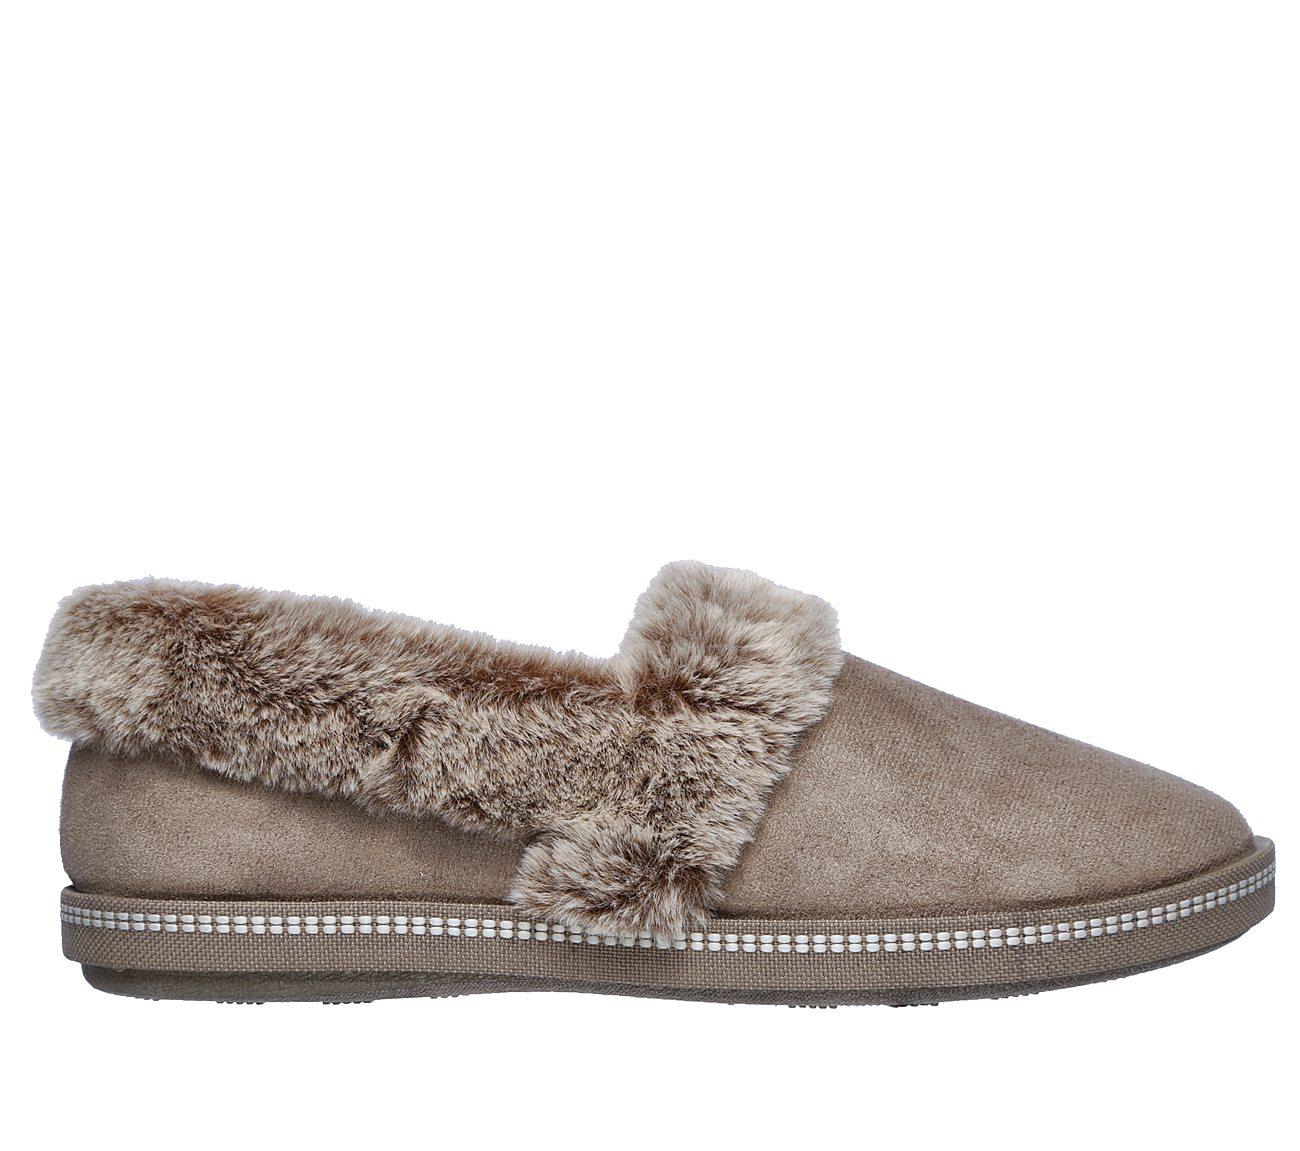 ecuador papi fusión  Buy SKECHERS Cozy Campfire - Team Toasty SKECHERS Cali Shoes